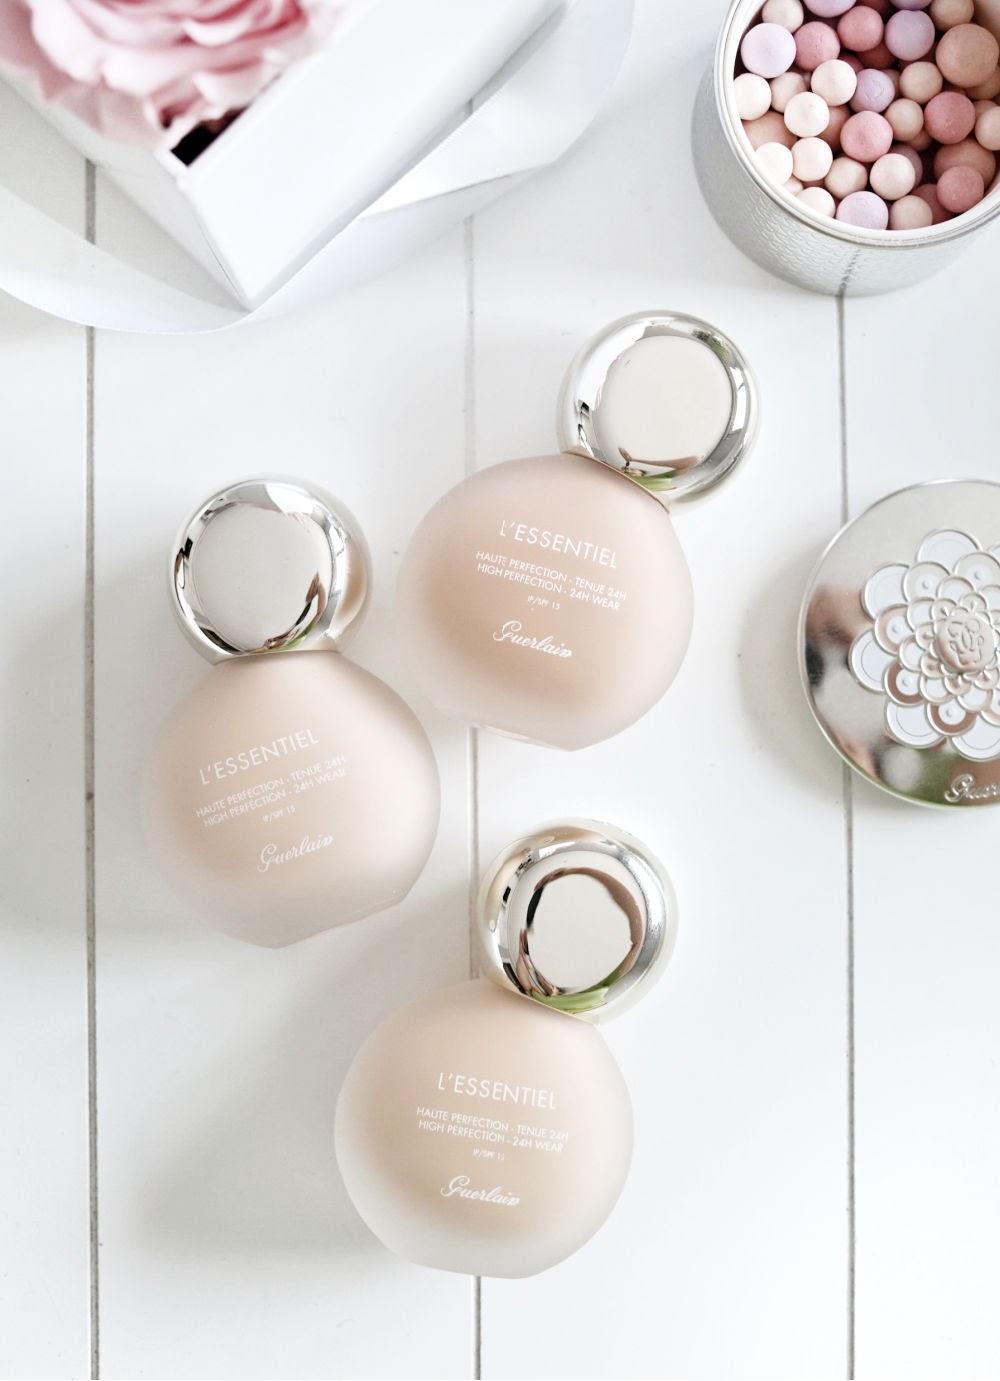 Por qué me gusta L' Essentiel High Perfection de Guerlain y en qué se diferencia de L'Essentiel Natural Glow